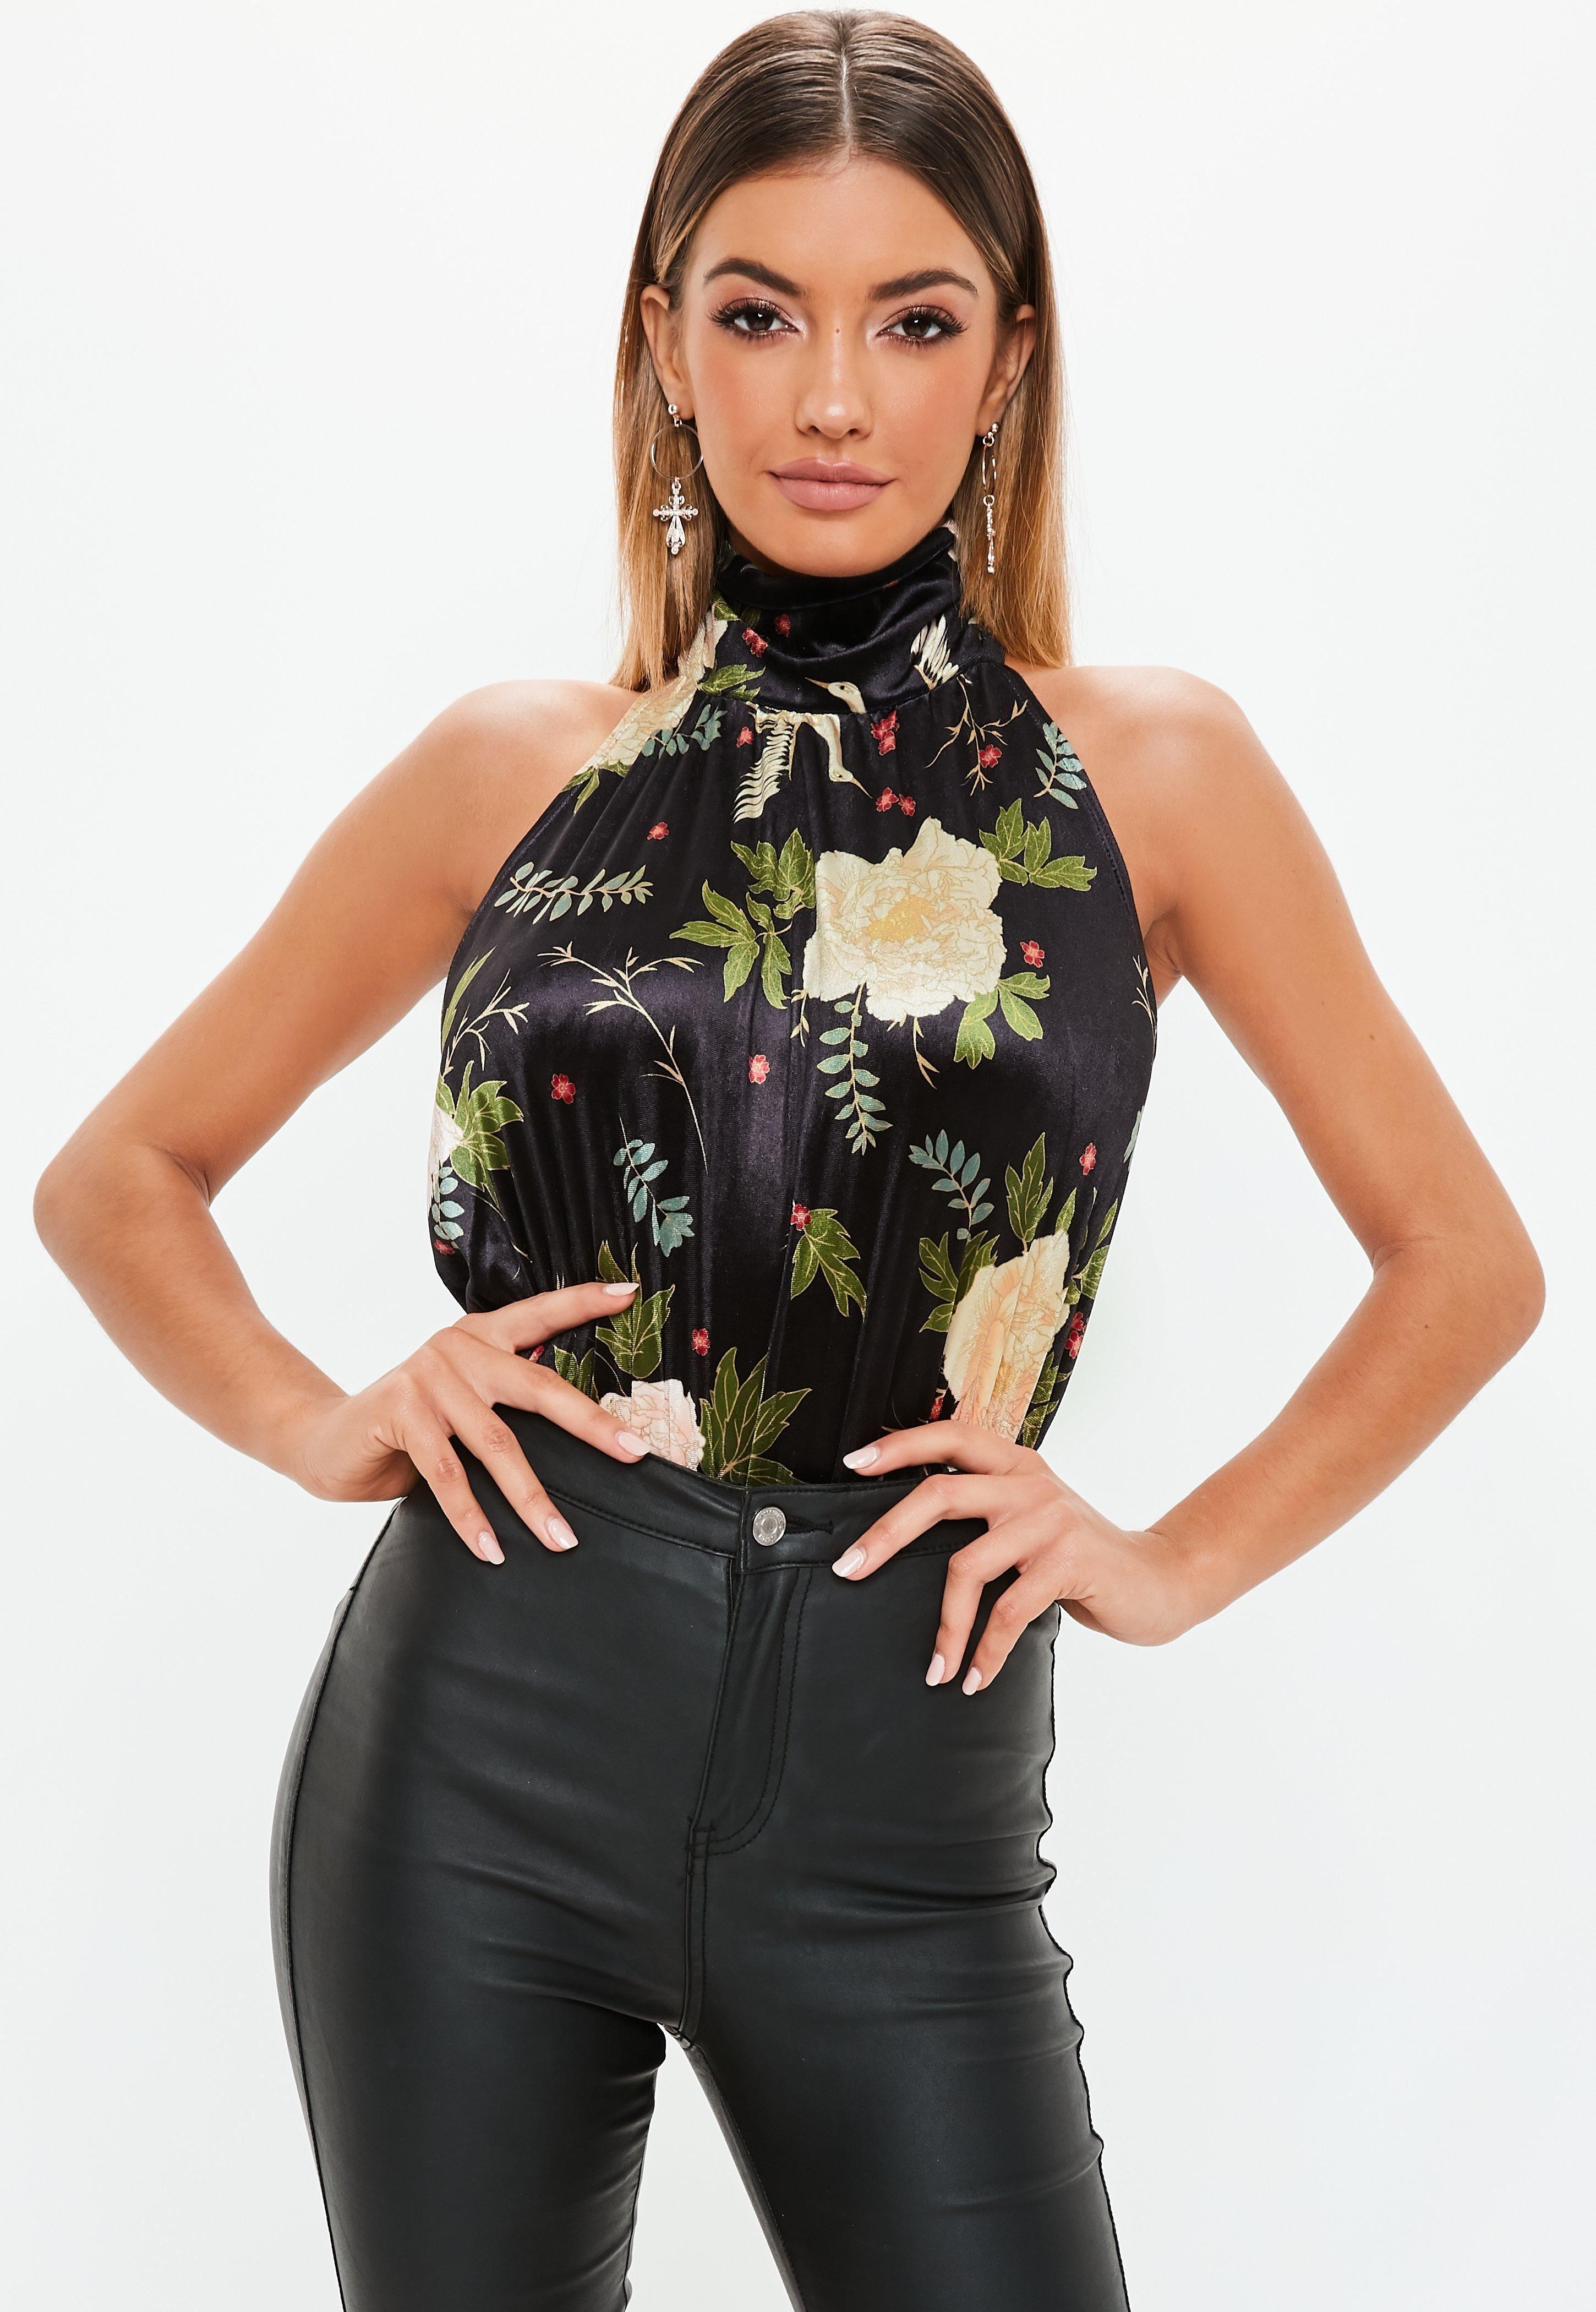 d4e960295f3 black-velvet-floral-backless-bodysuit | Women's Bodysuits in 2019 ...